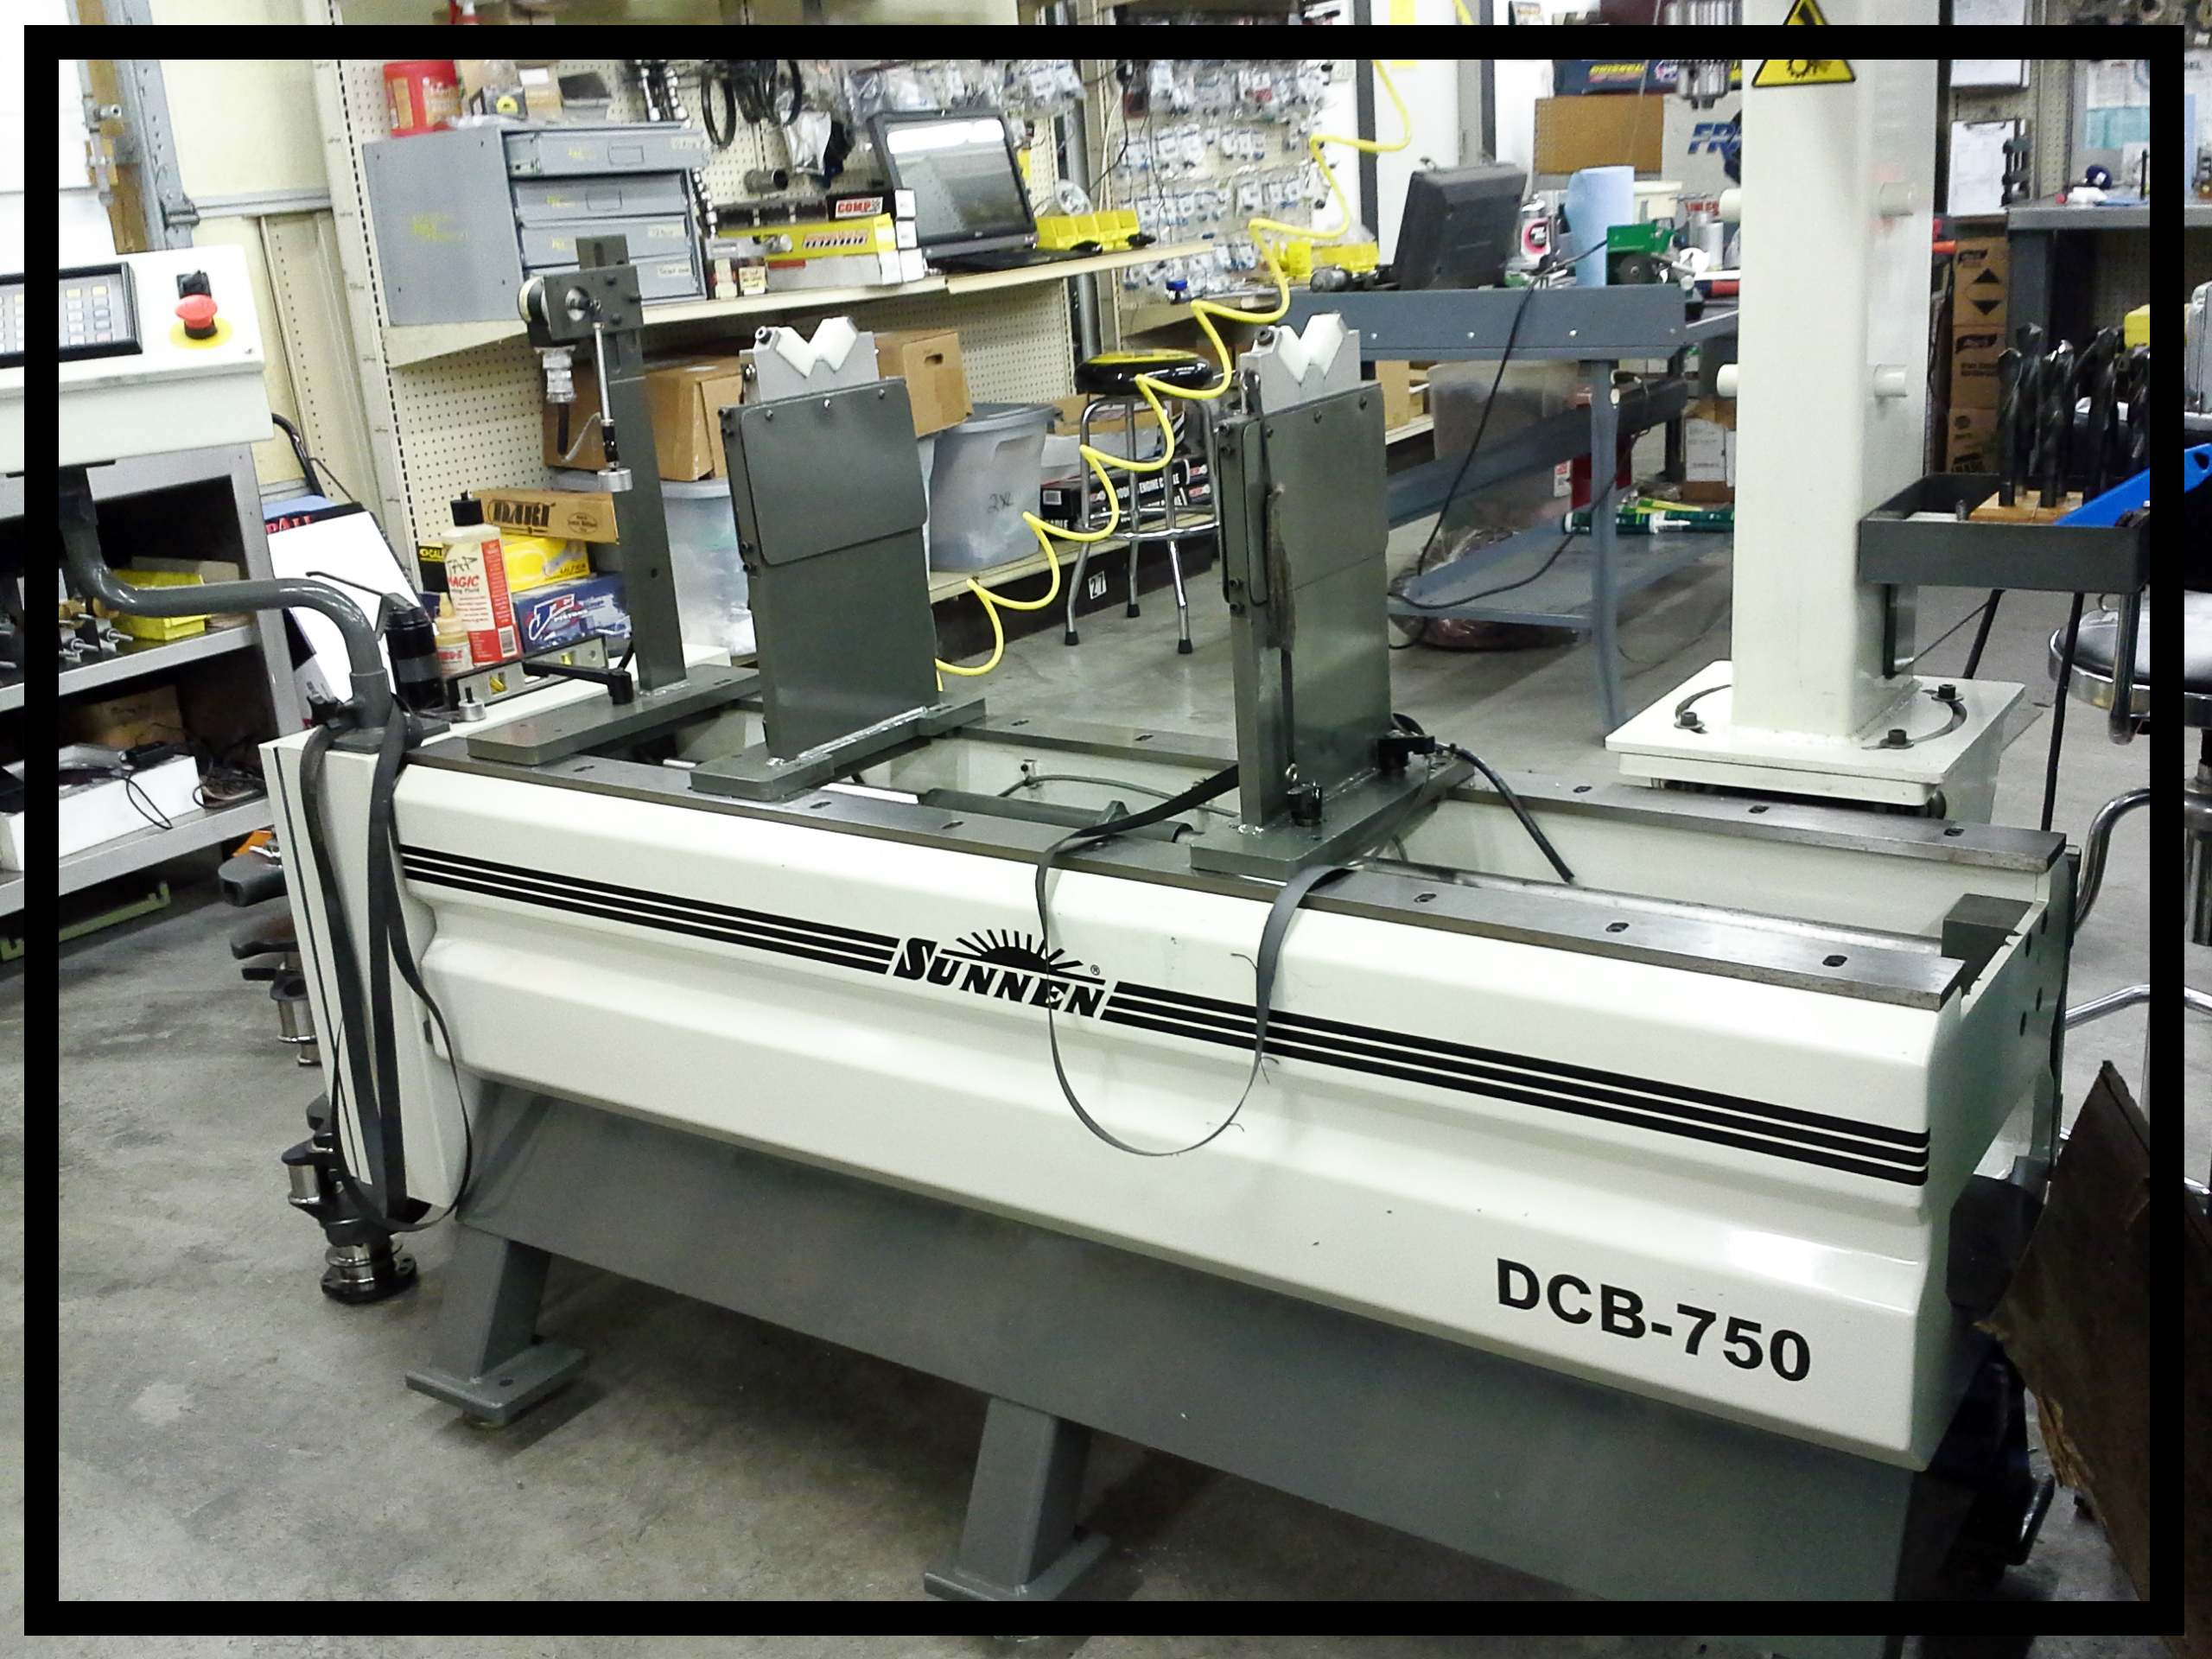 Sunnen DCB750 Balancer